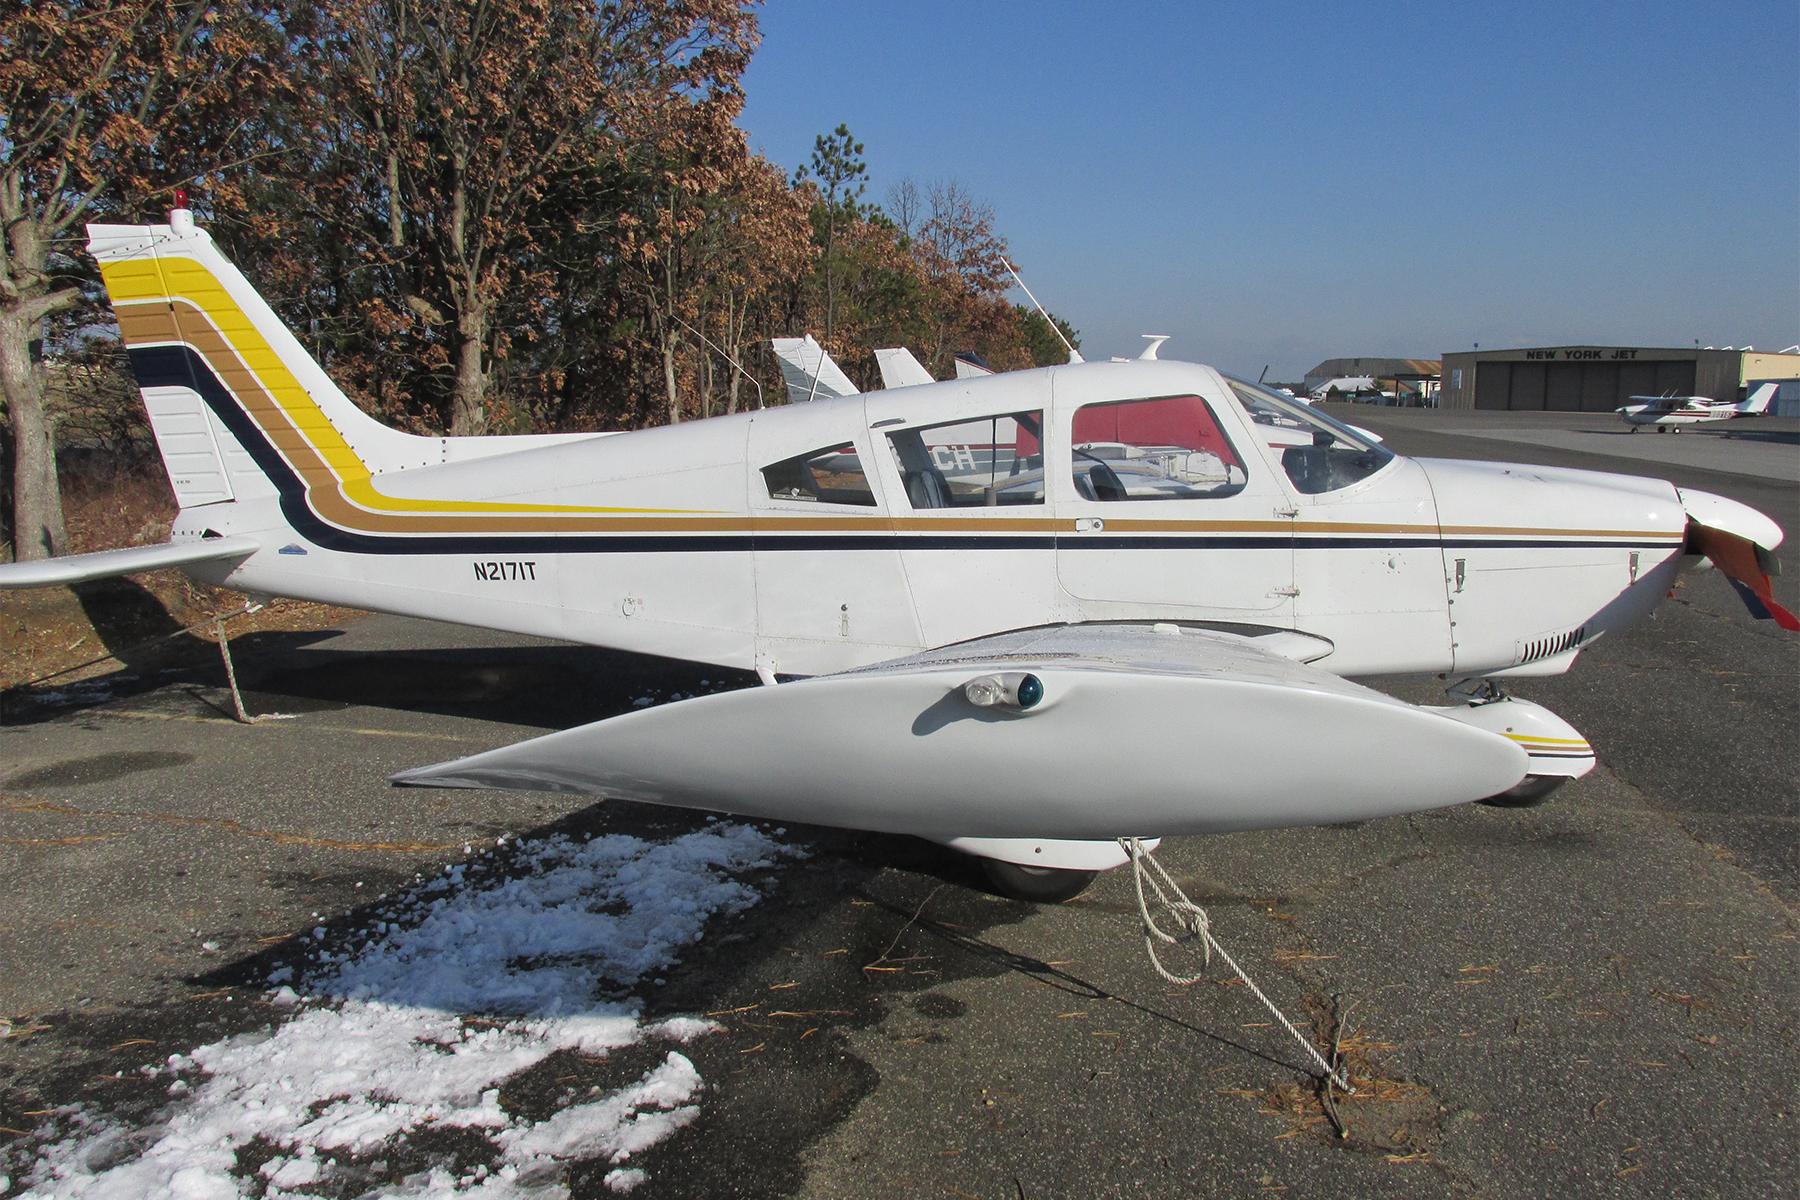 1972-PIPER-180G-N2171T